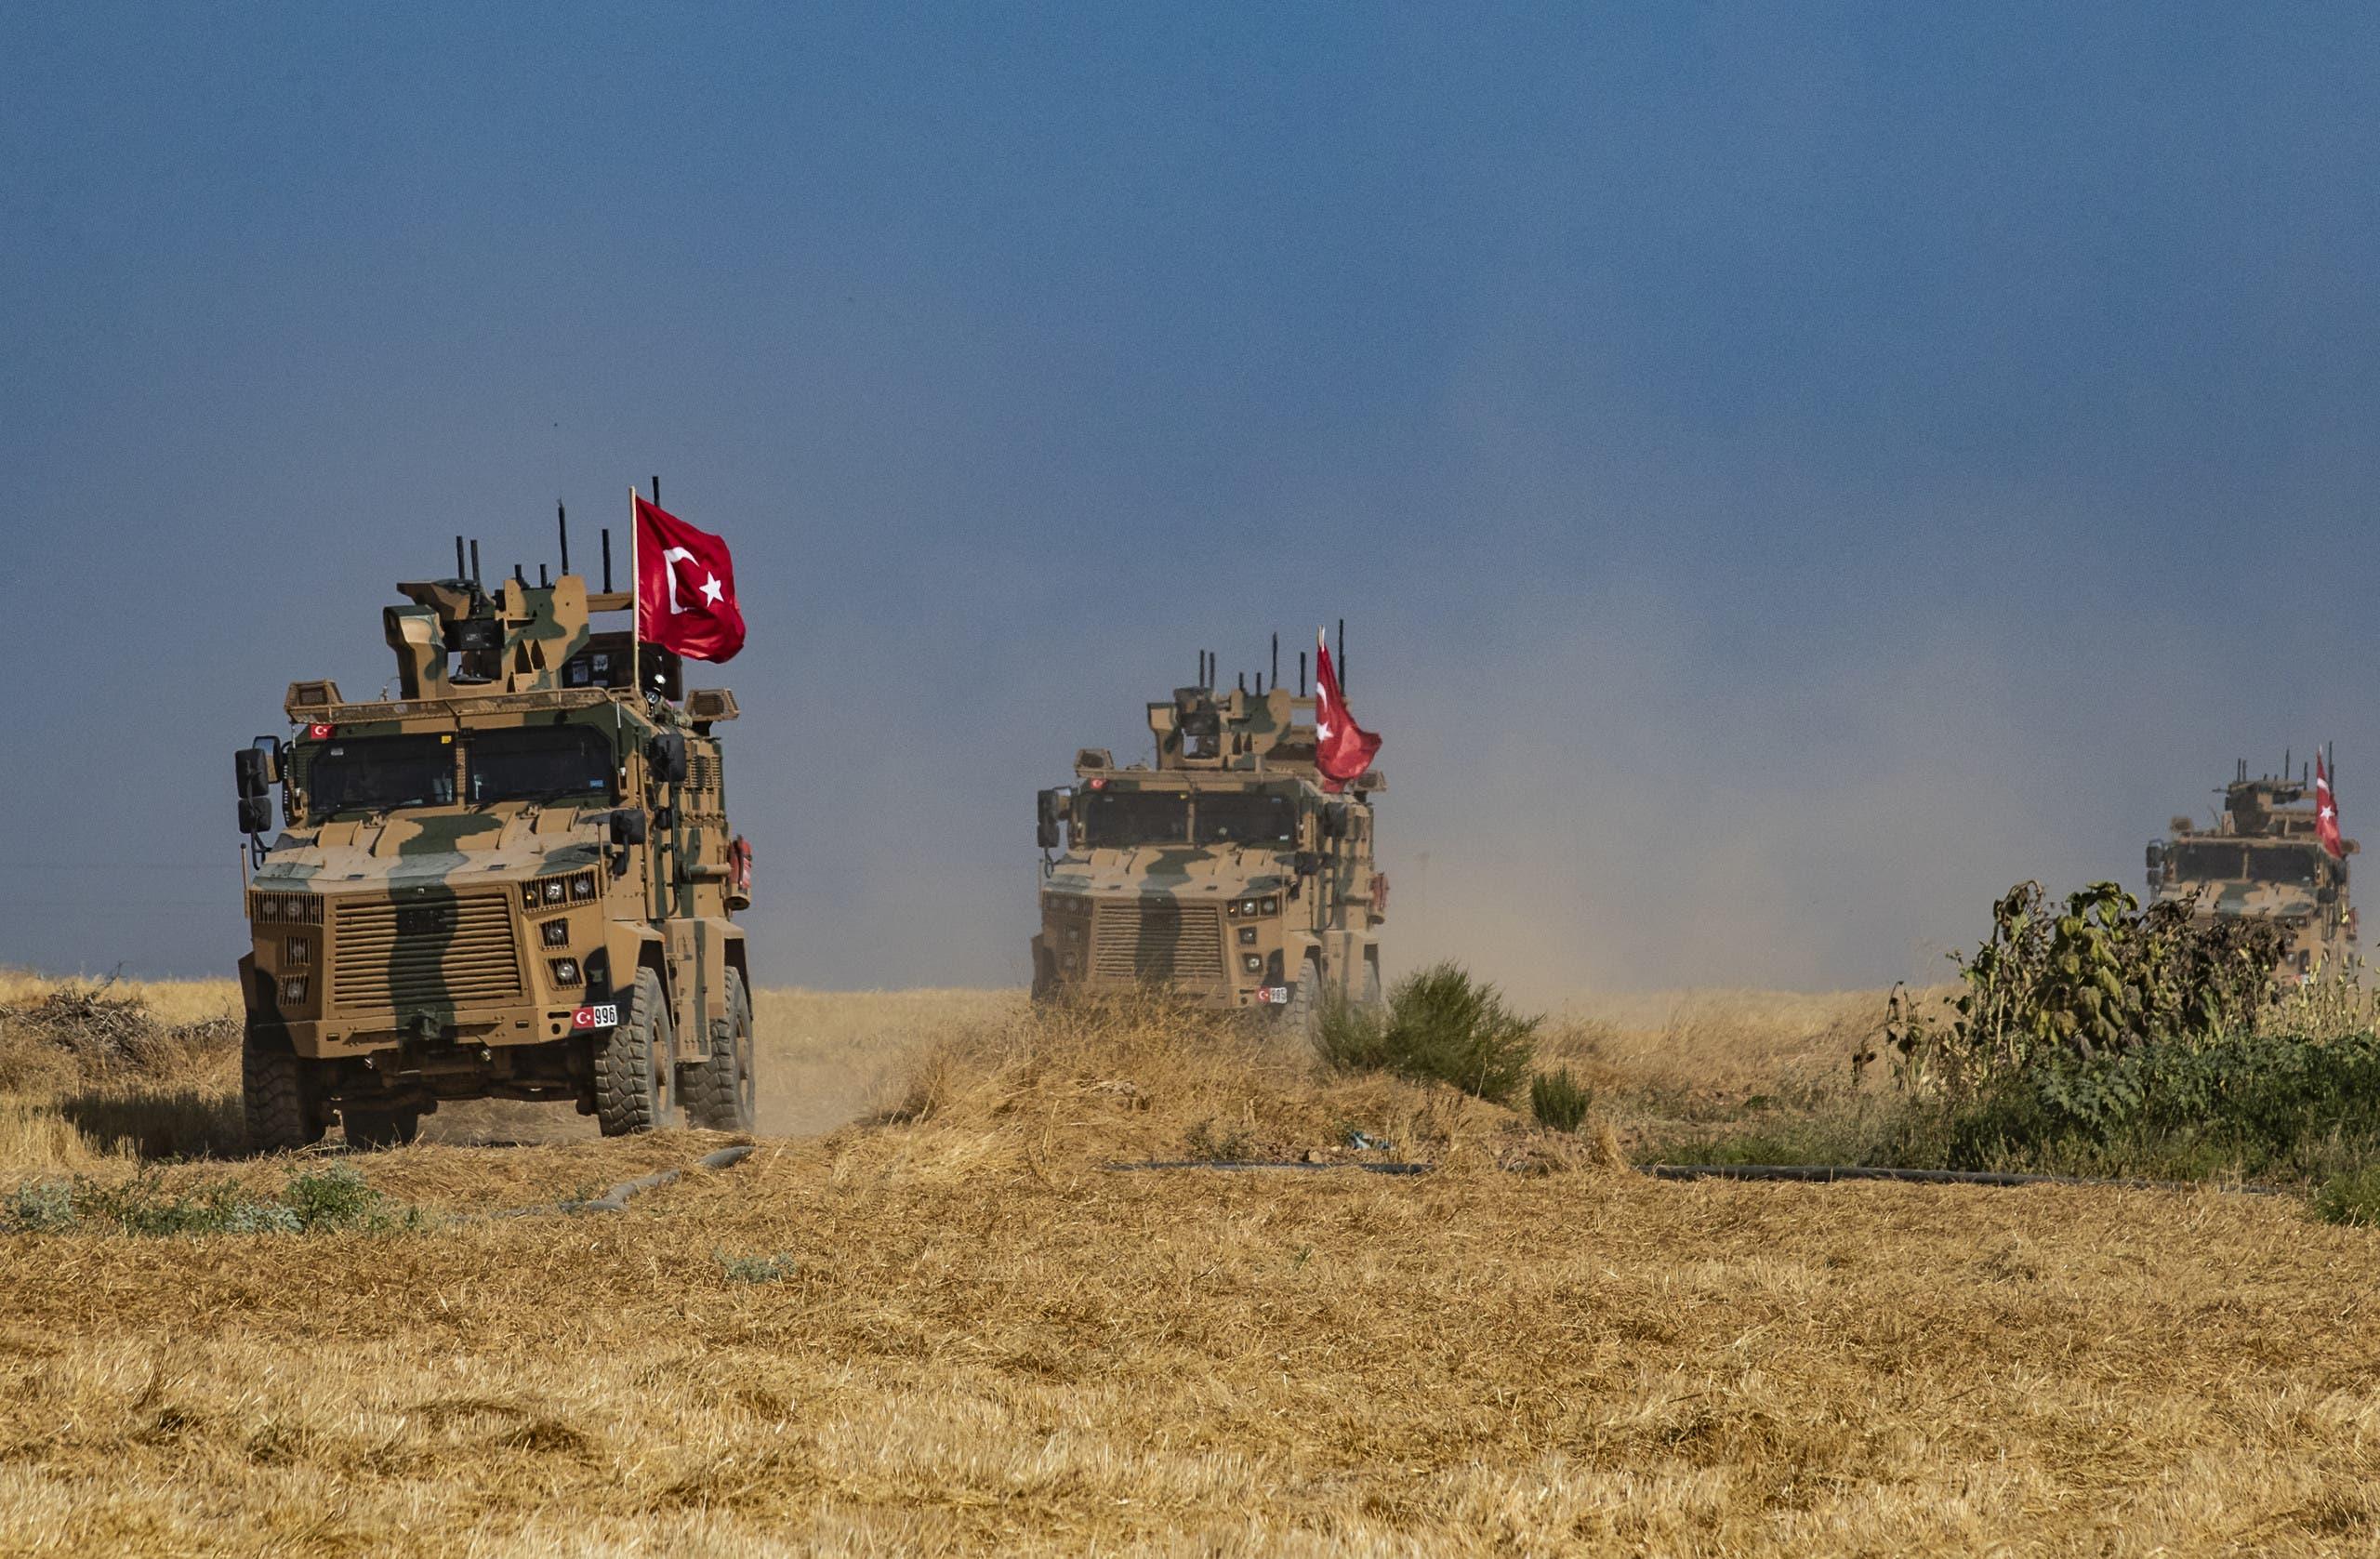 آليات عسكرية تركية في تل أبيض شرق الفرات (أرشيفية- فرانس برس)